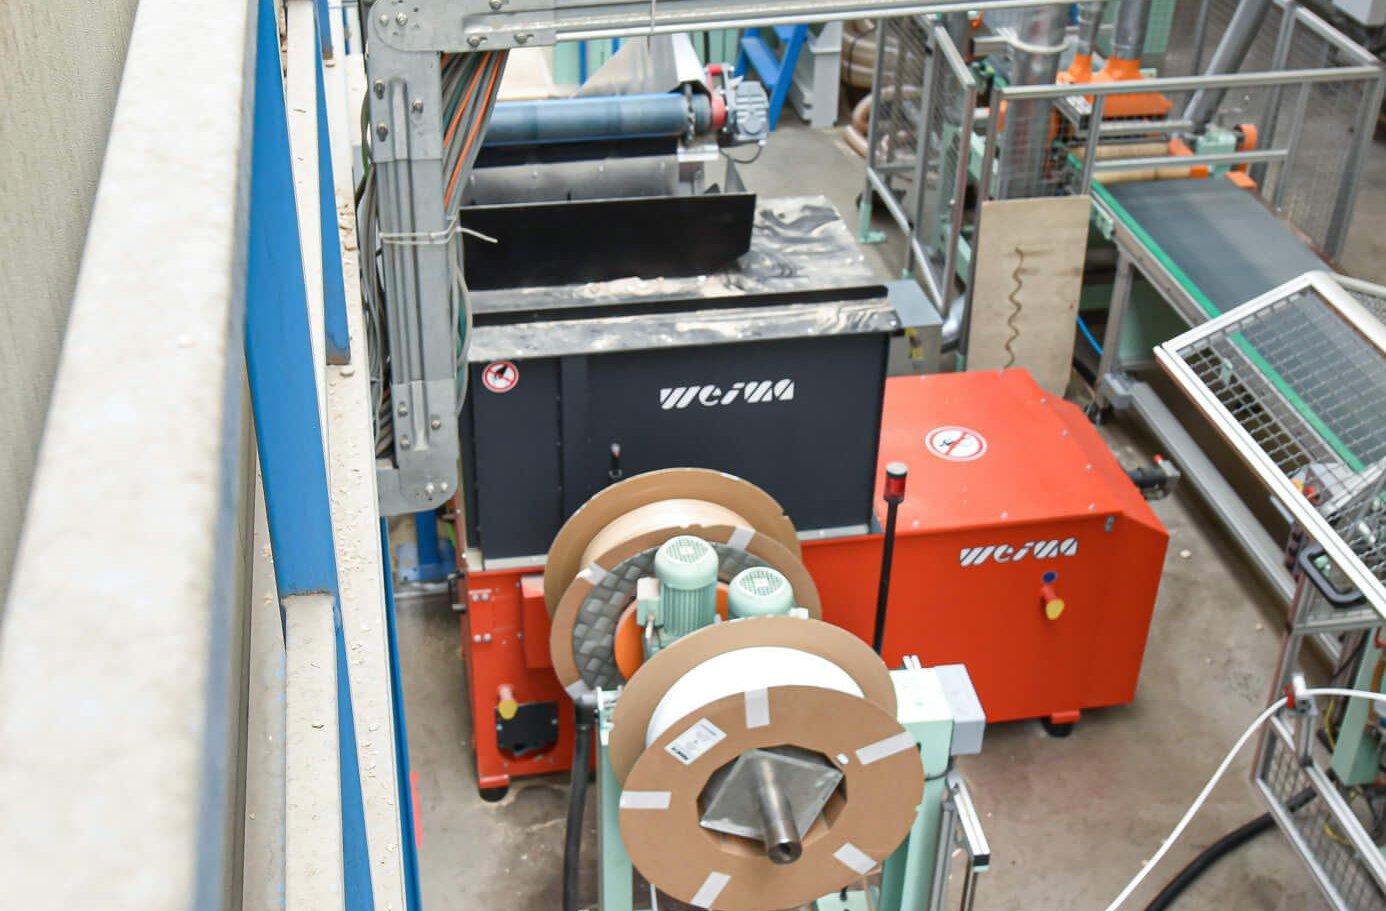 WEIMA Zerkleinerer WL 6 S in GARANT Produktionshalle